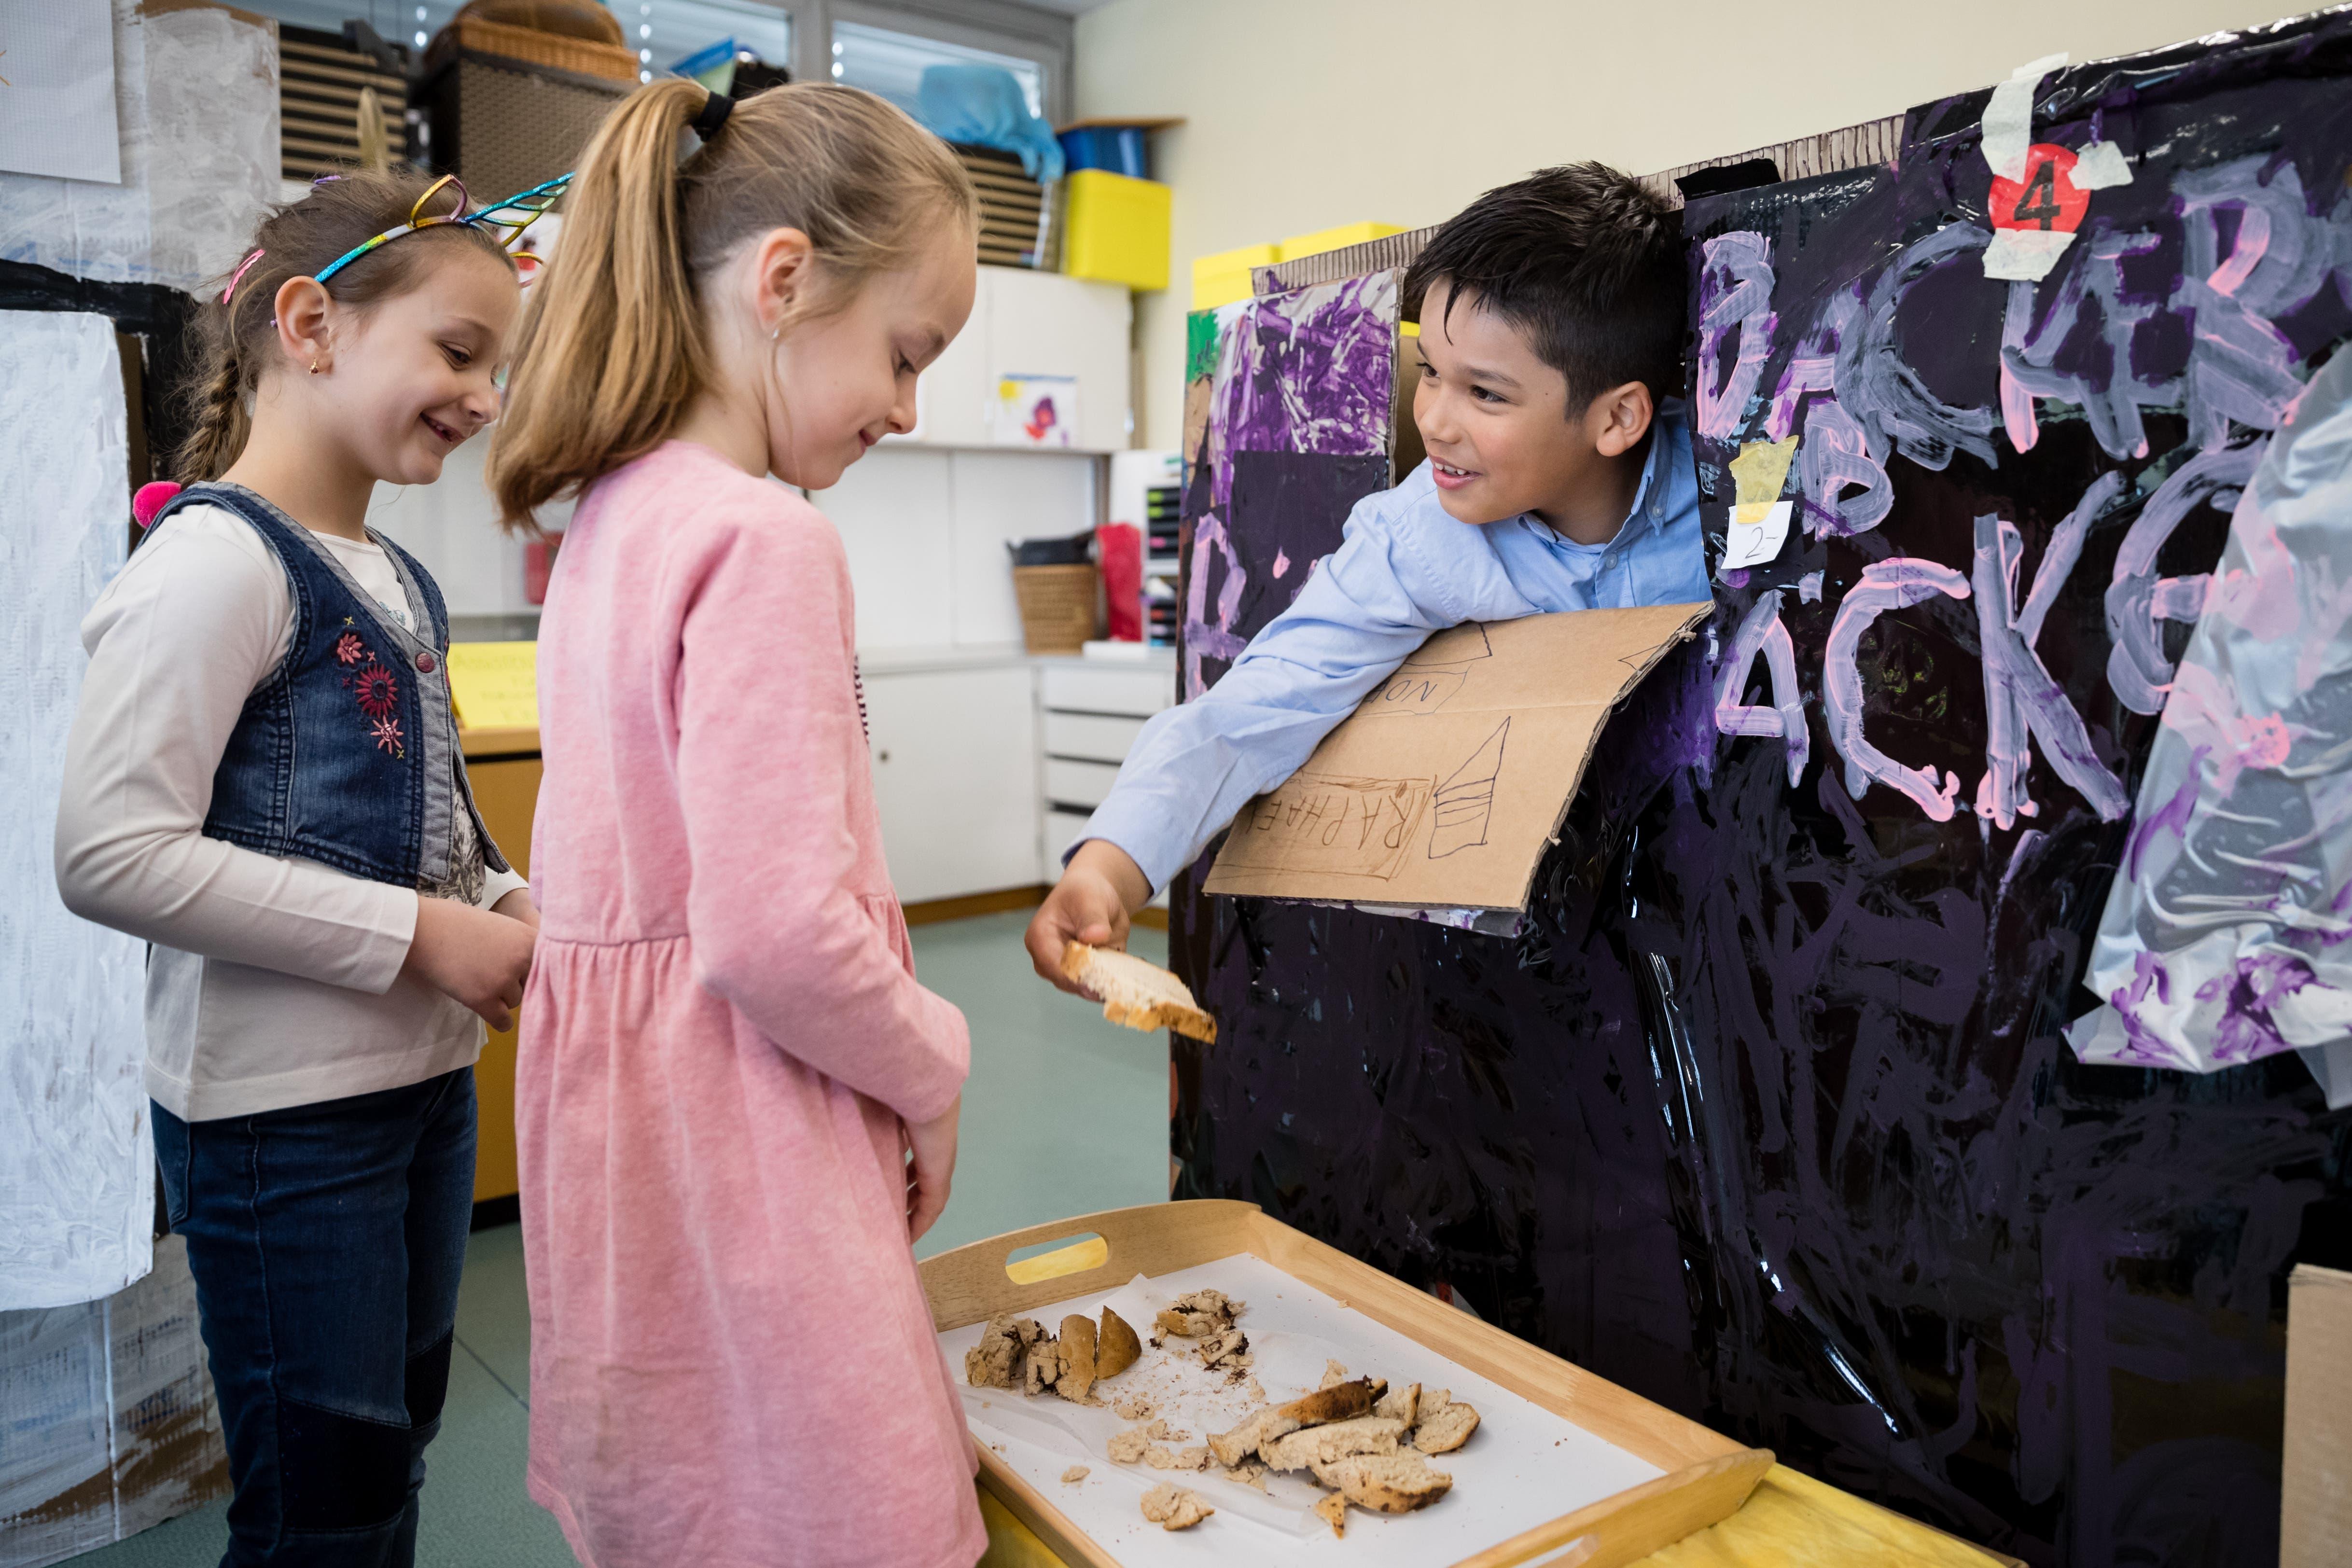 Gegen Papiergeld erhalten die Kinder in der «Bäckerei» ein Stück des selbstgebackenen Brotes. (Bild: Philipp Schmidli, Emmen, 11. April 2019)